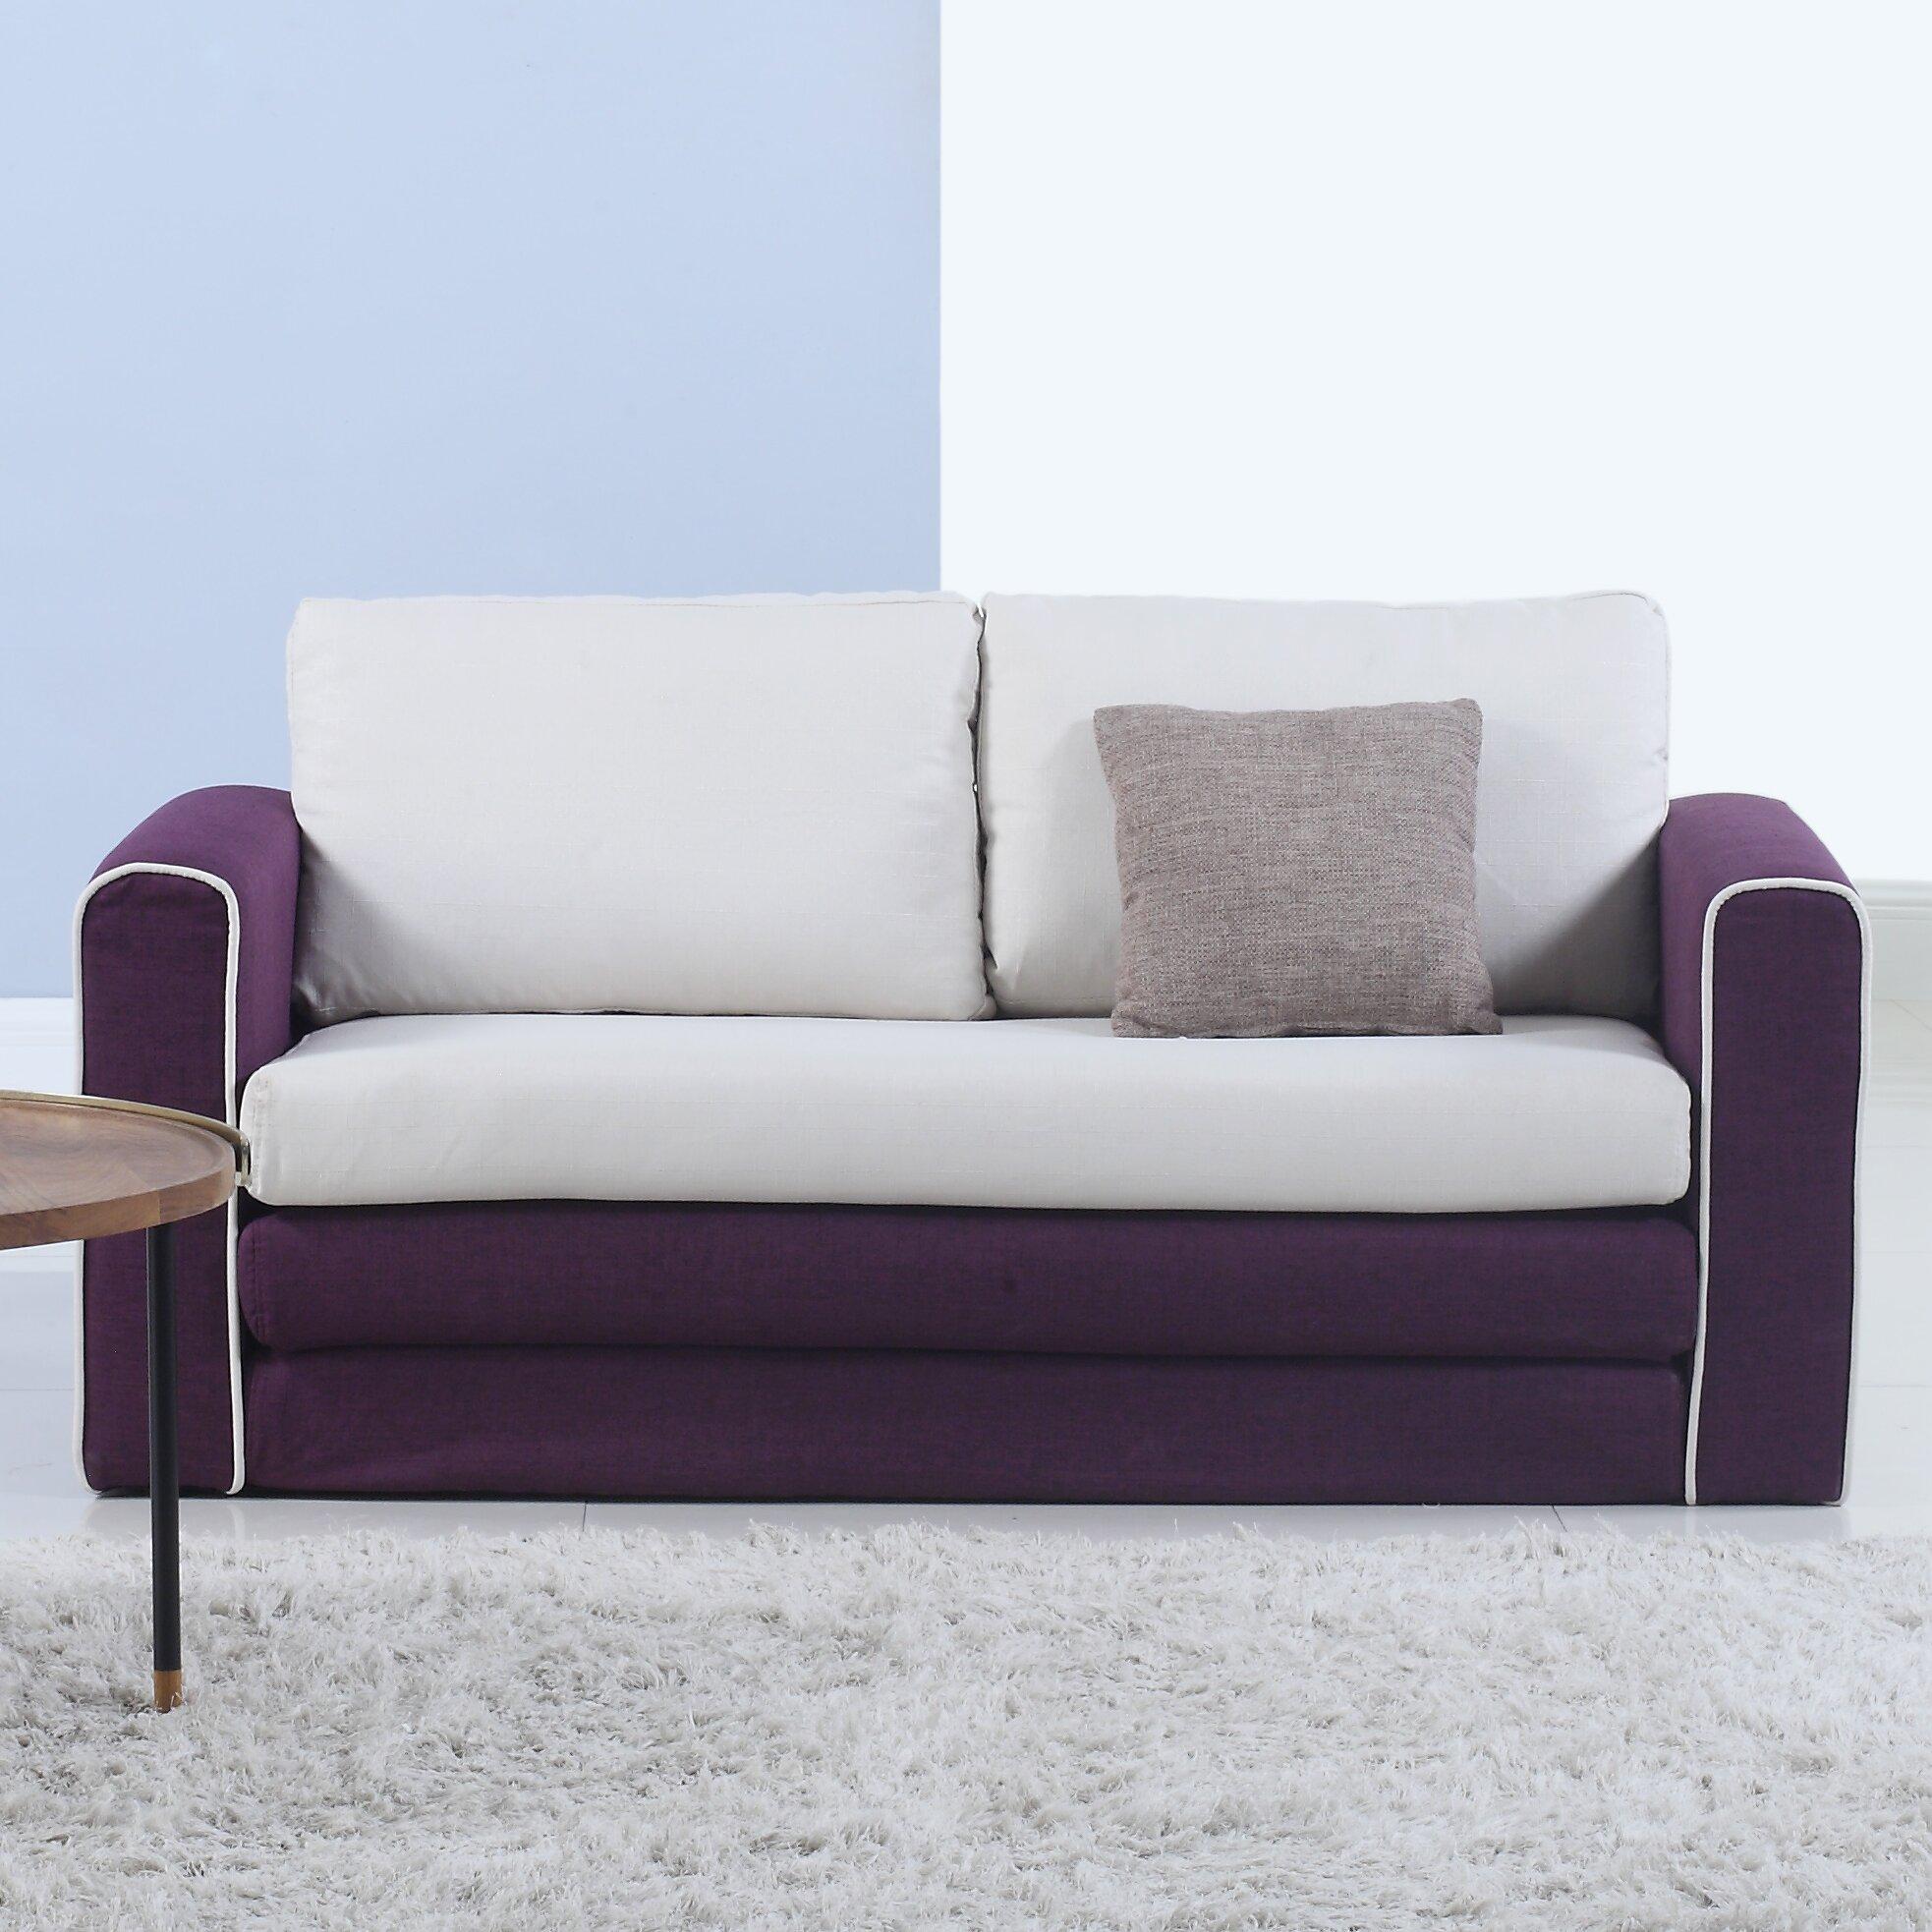 Sleeper Sofa Manufacturers Sofa Stunning Sleeper